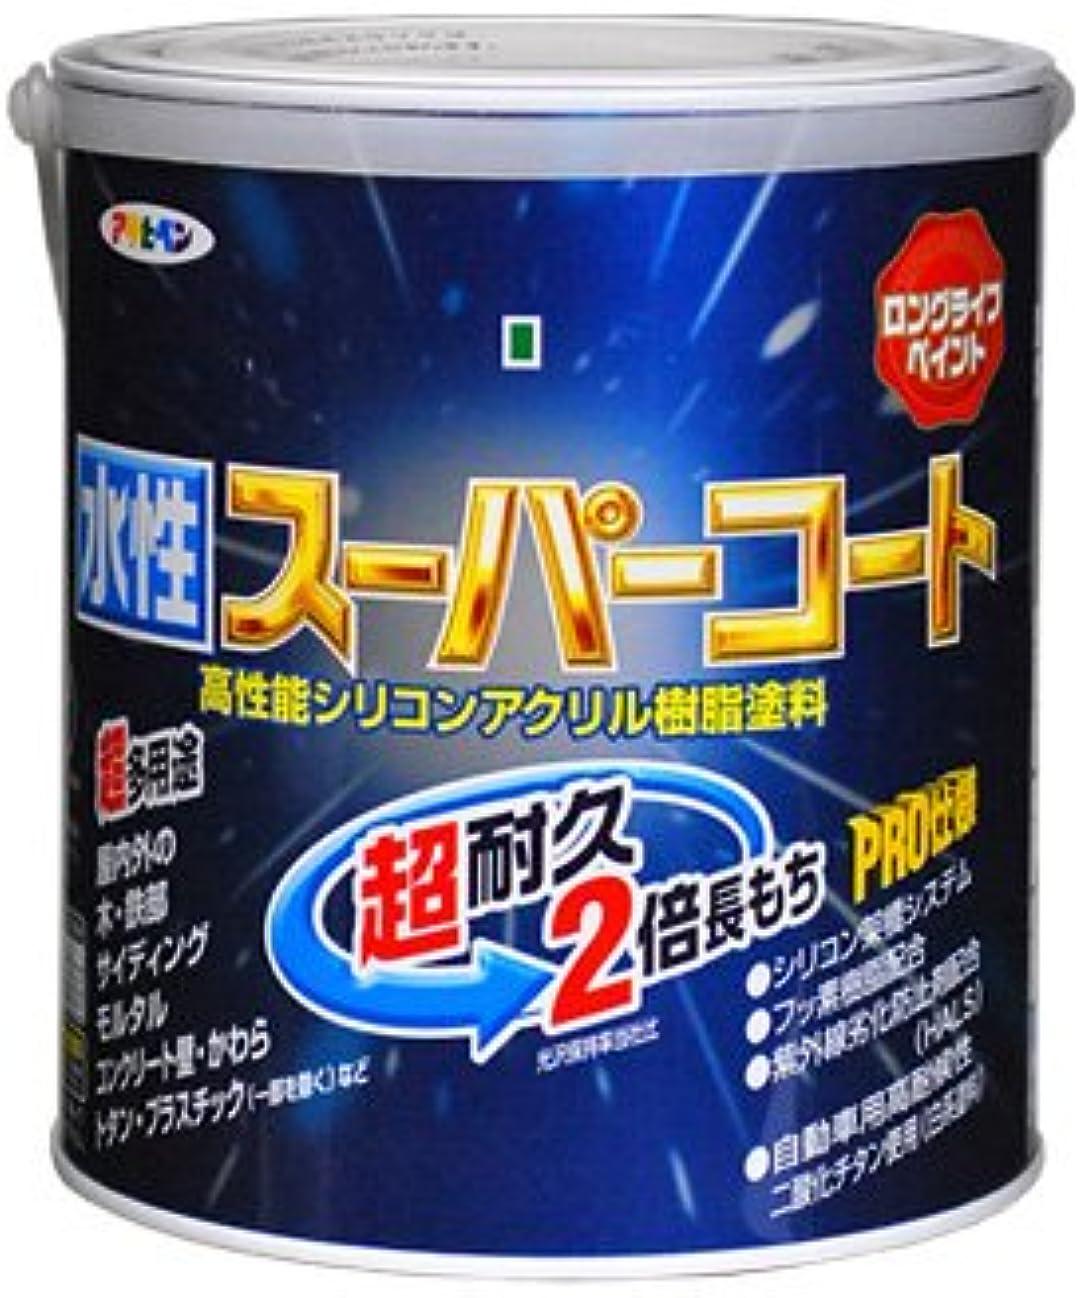 縁怖がって死ぬ独創的アサヒペン ペンキ 水性スーパーコート 水性多用途 ティントローズ 1.6L